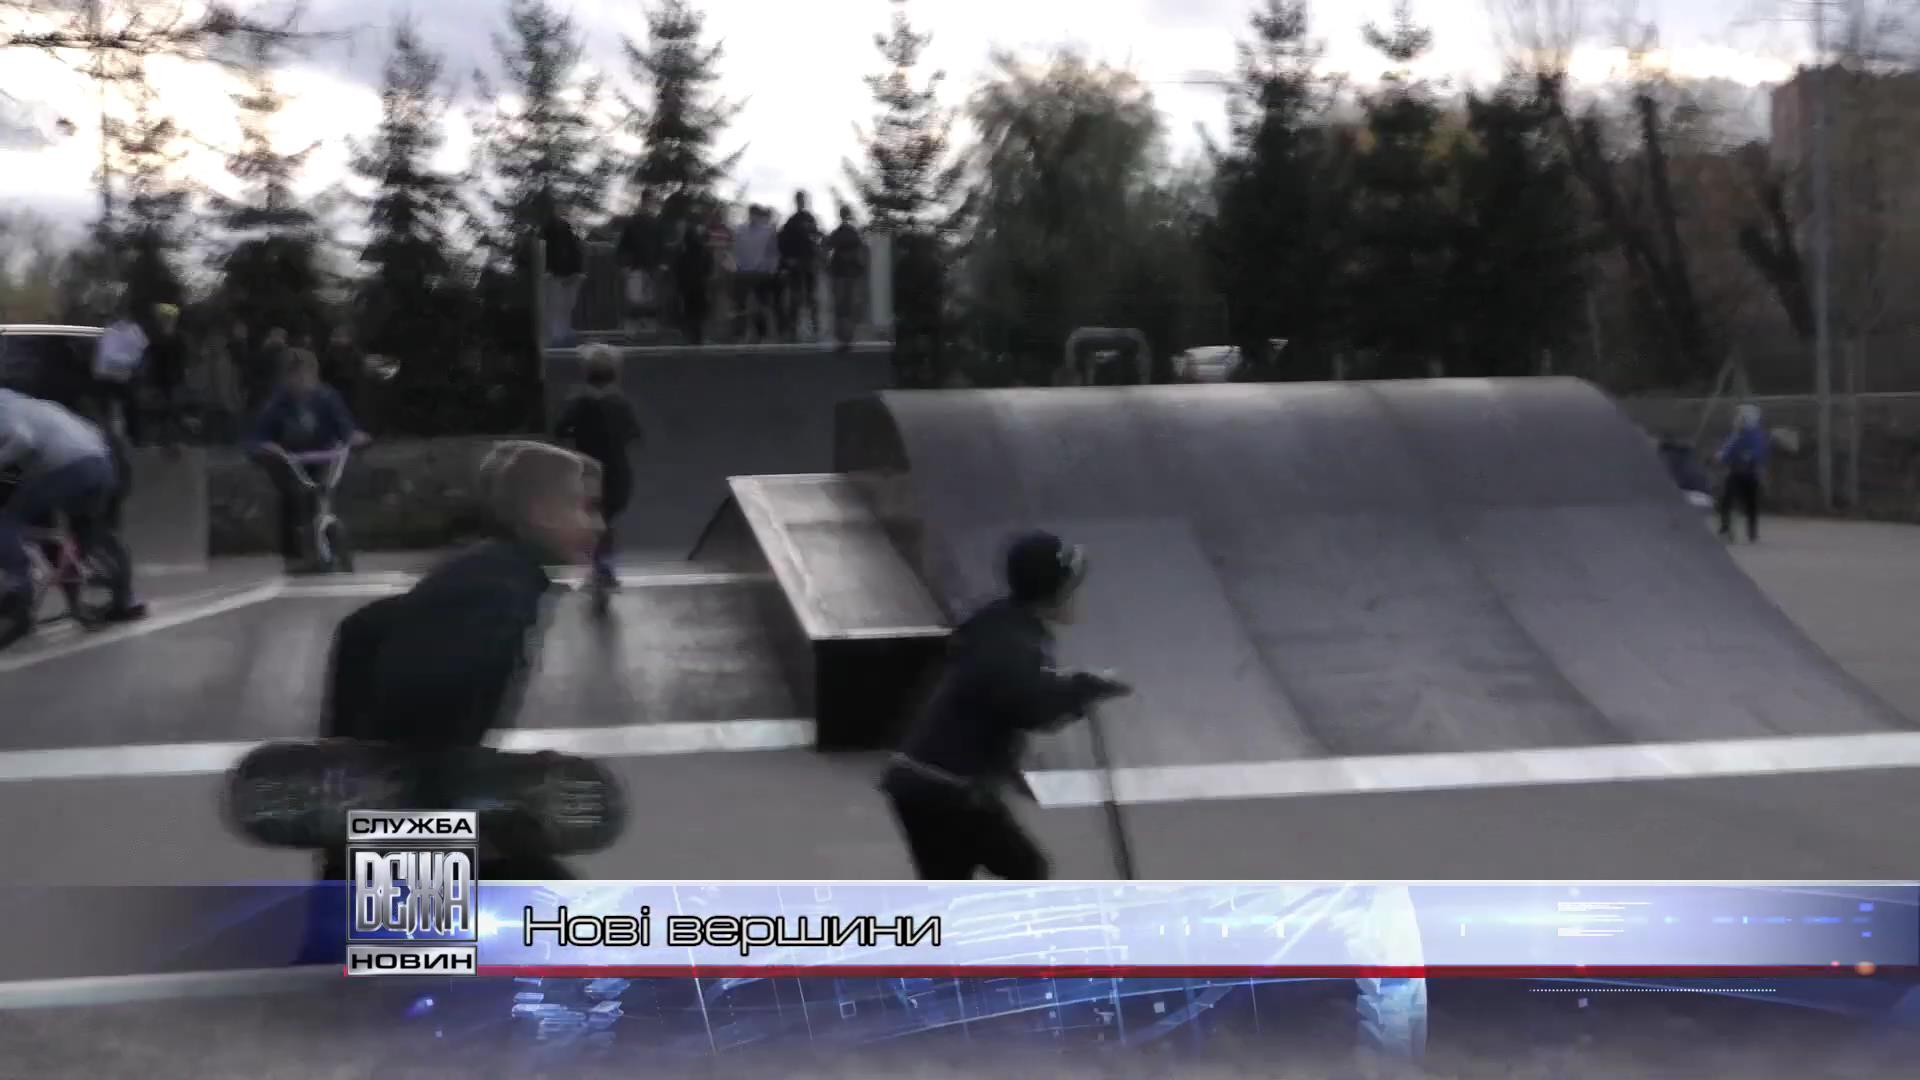 Поблизу міського озера відкрили оновлений скейт-парк[19-41-48]